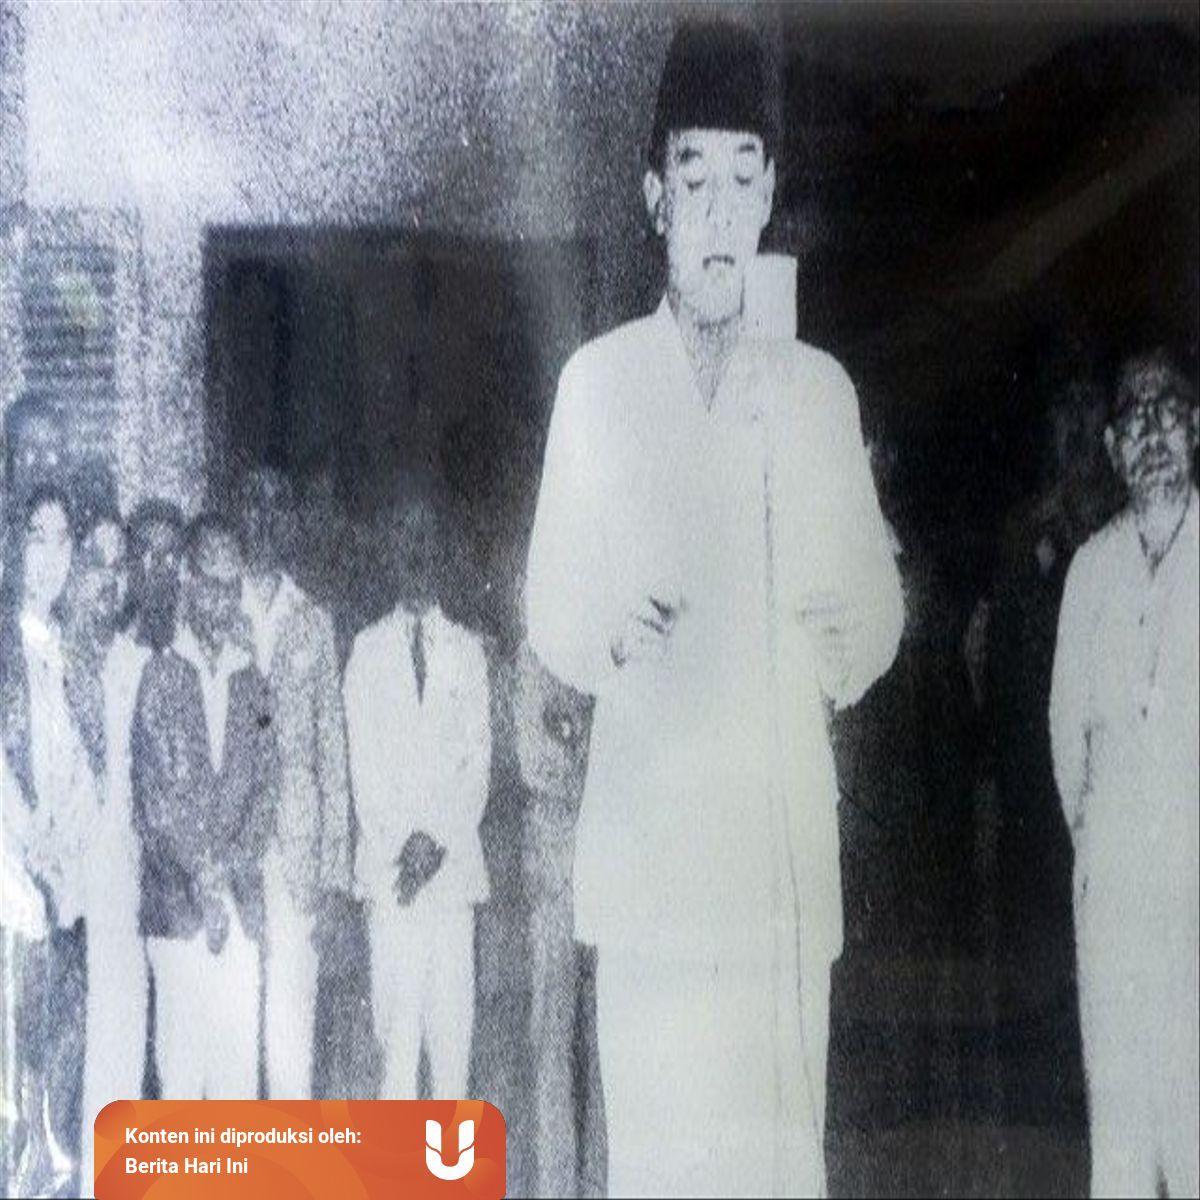 Sejarah Penyusunan Teks Proklamasi Kemerdekaan 17 Agustus 1945 Kumparan Com